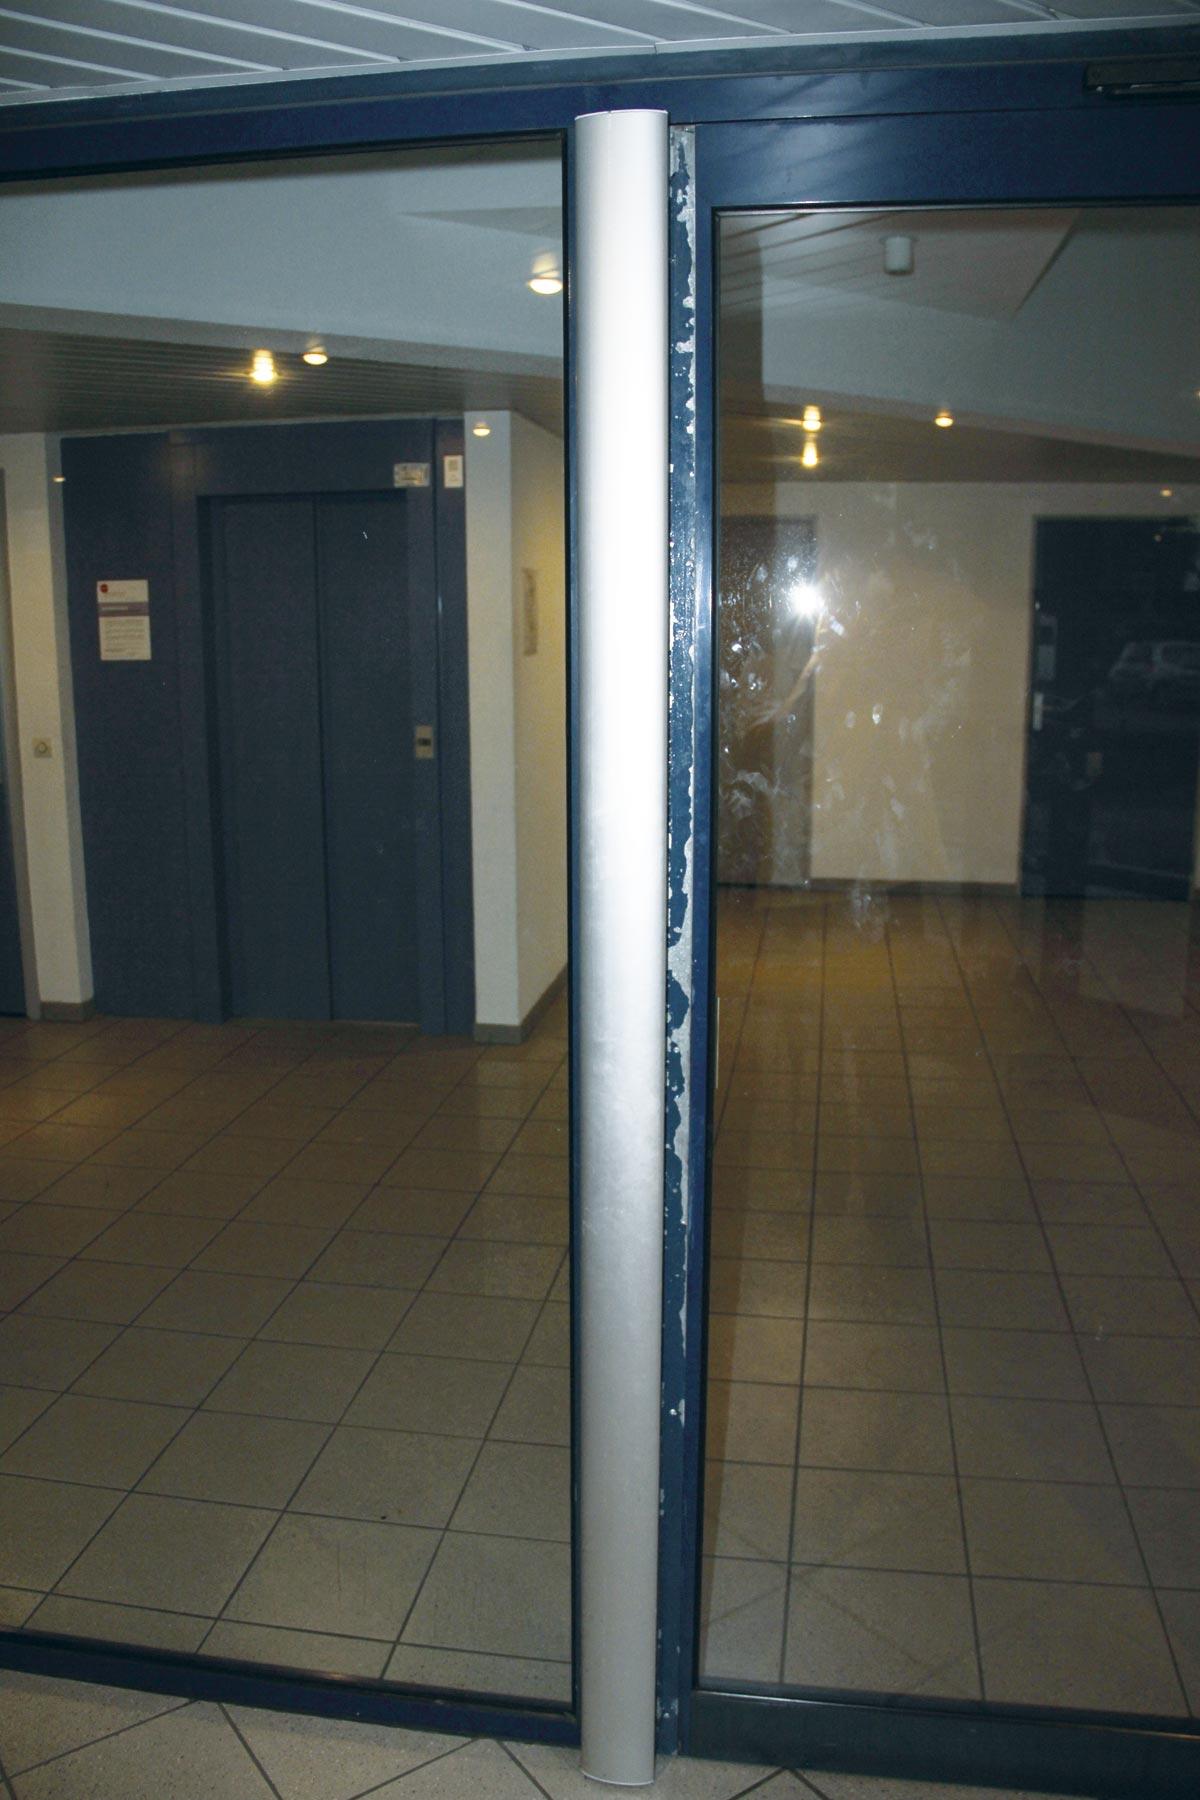 Dimelec installation électrique contrôle accès vigik porte ventouses électriques porte entrée immeuble résidence Bordeaux